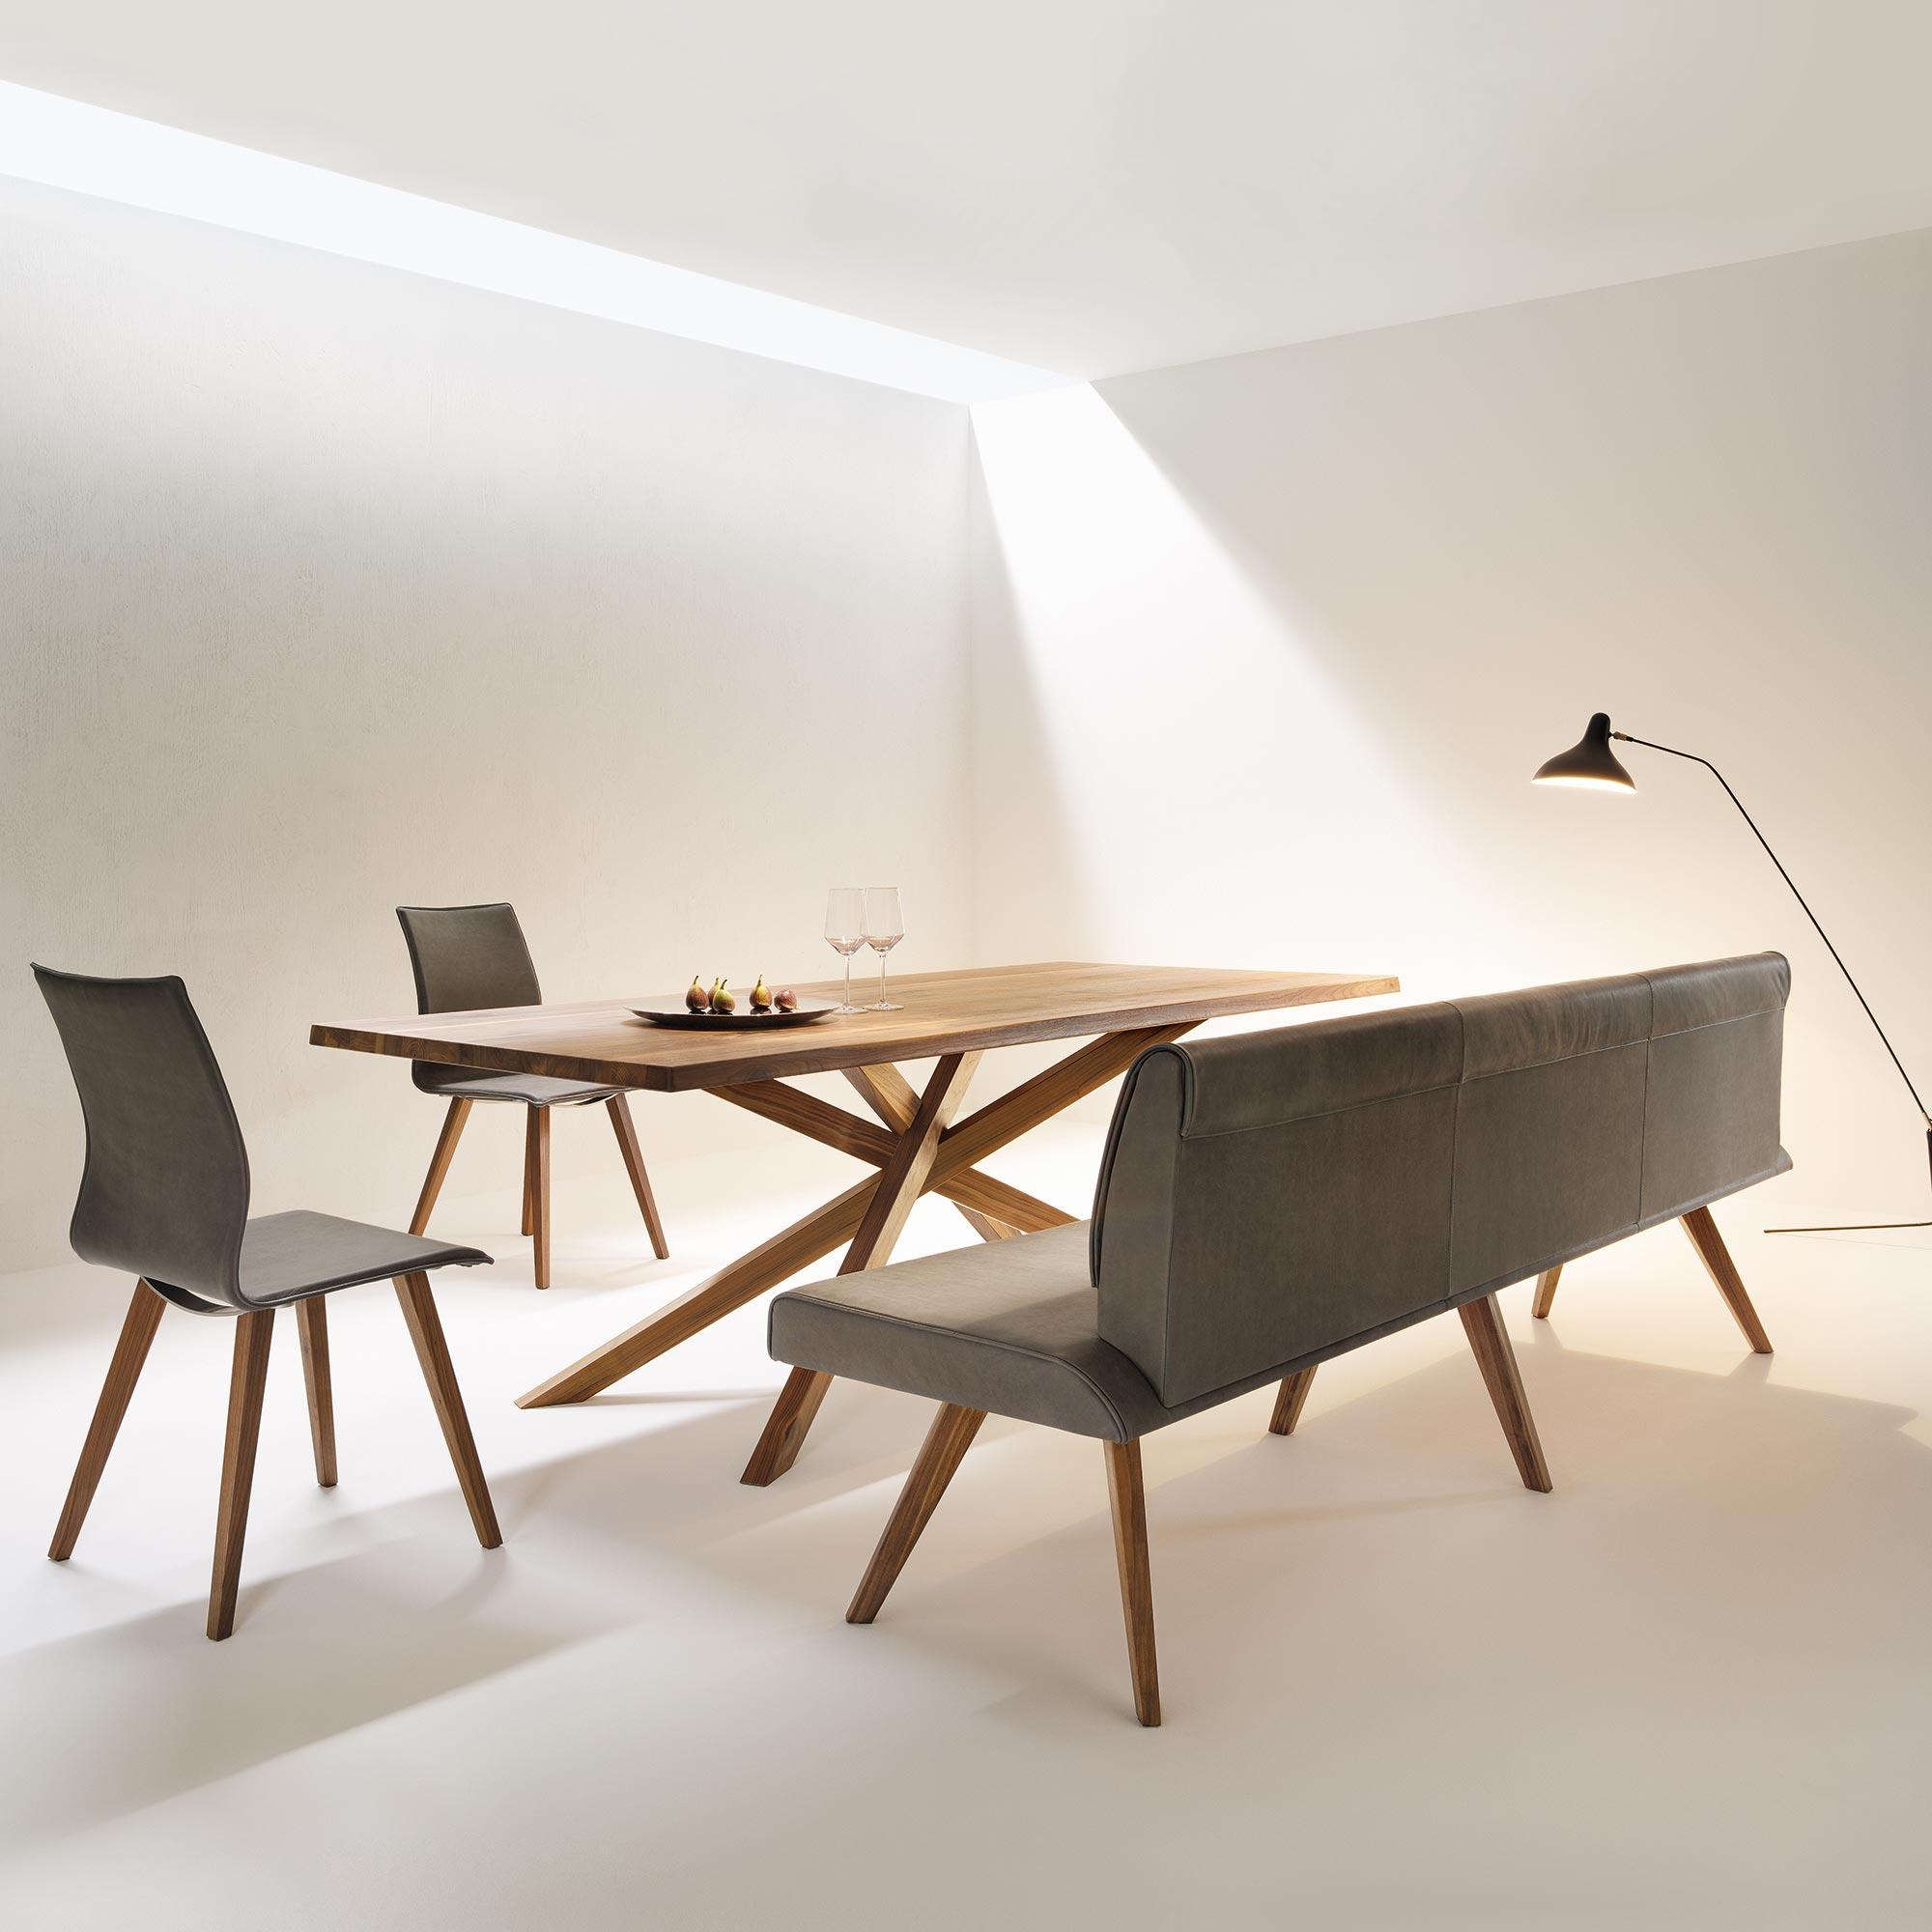 stuhl esstisch free stuhl kelkheim eiche rustikal esstisch stolberg holzart eiche massiv with. Black Bedroom Furniture Sets. Home Design Ideas